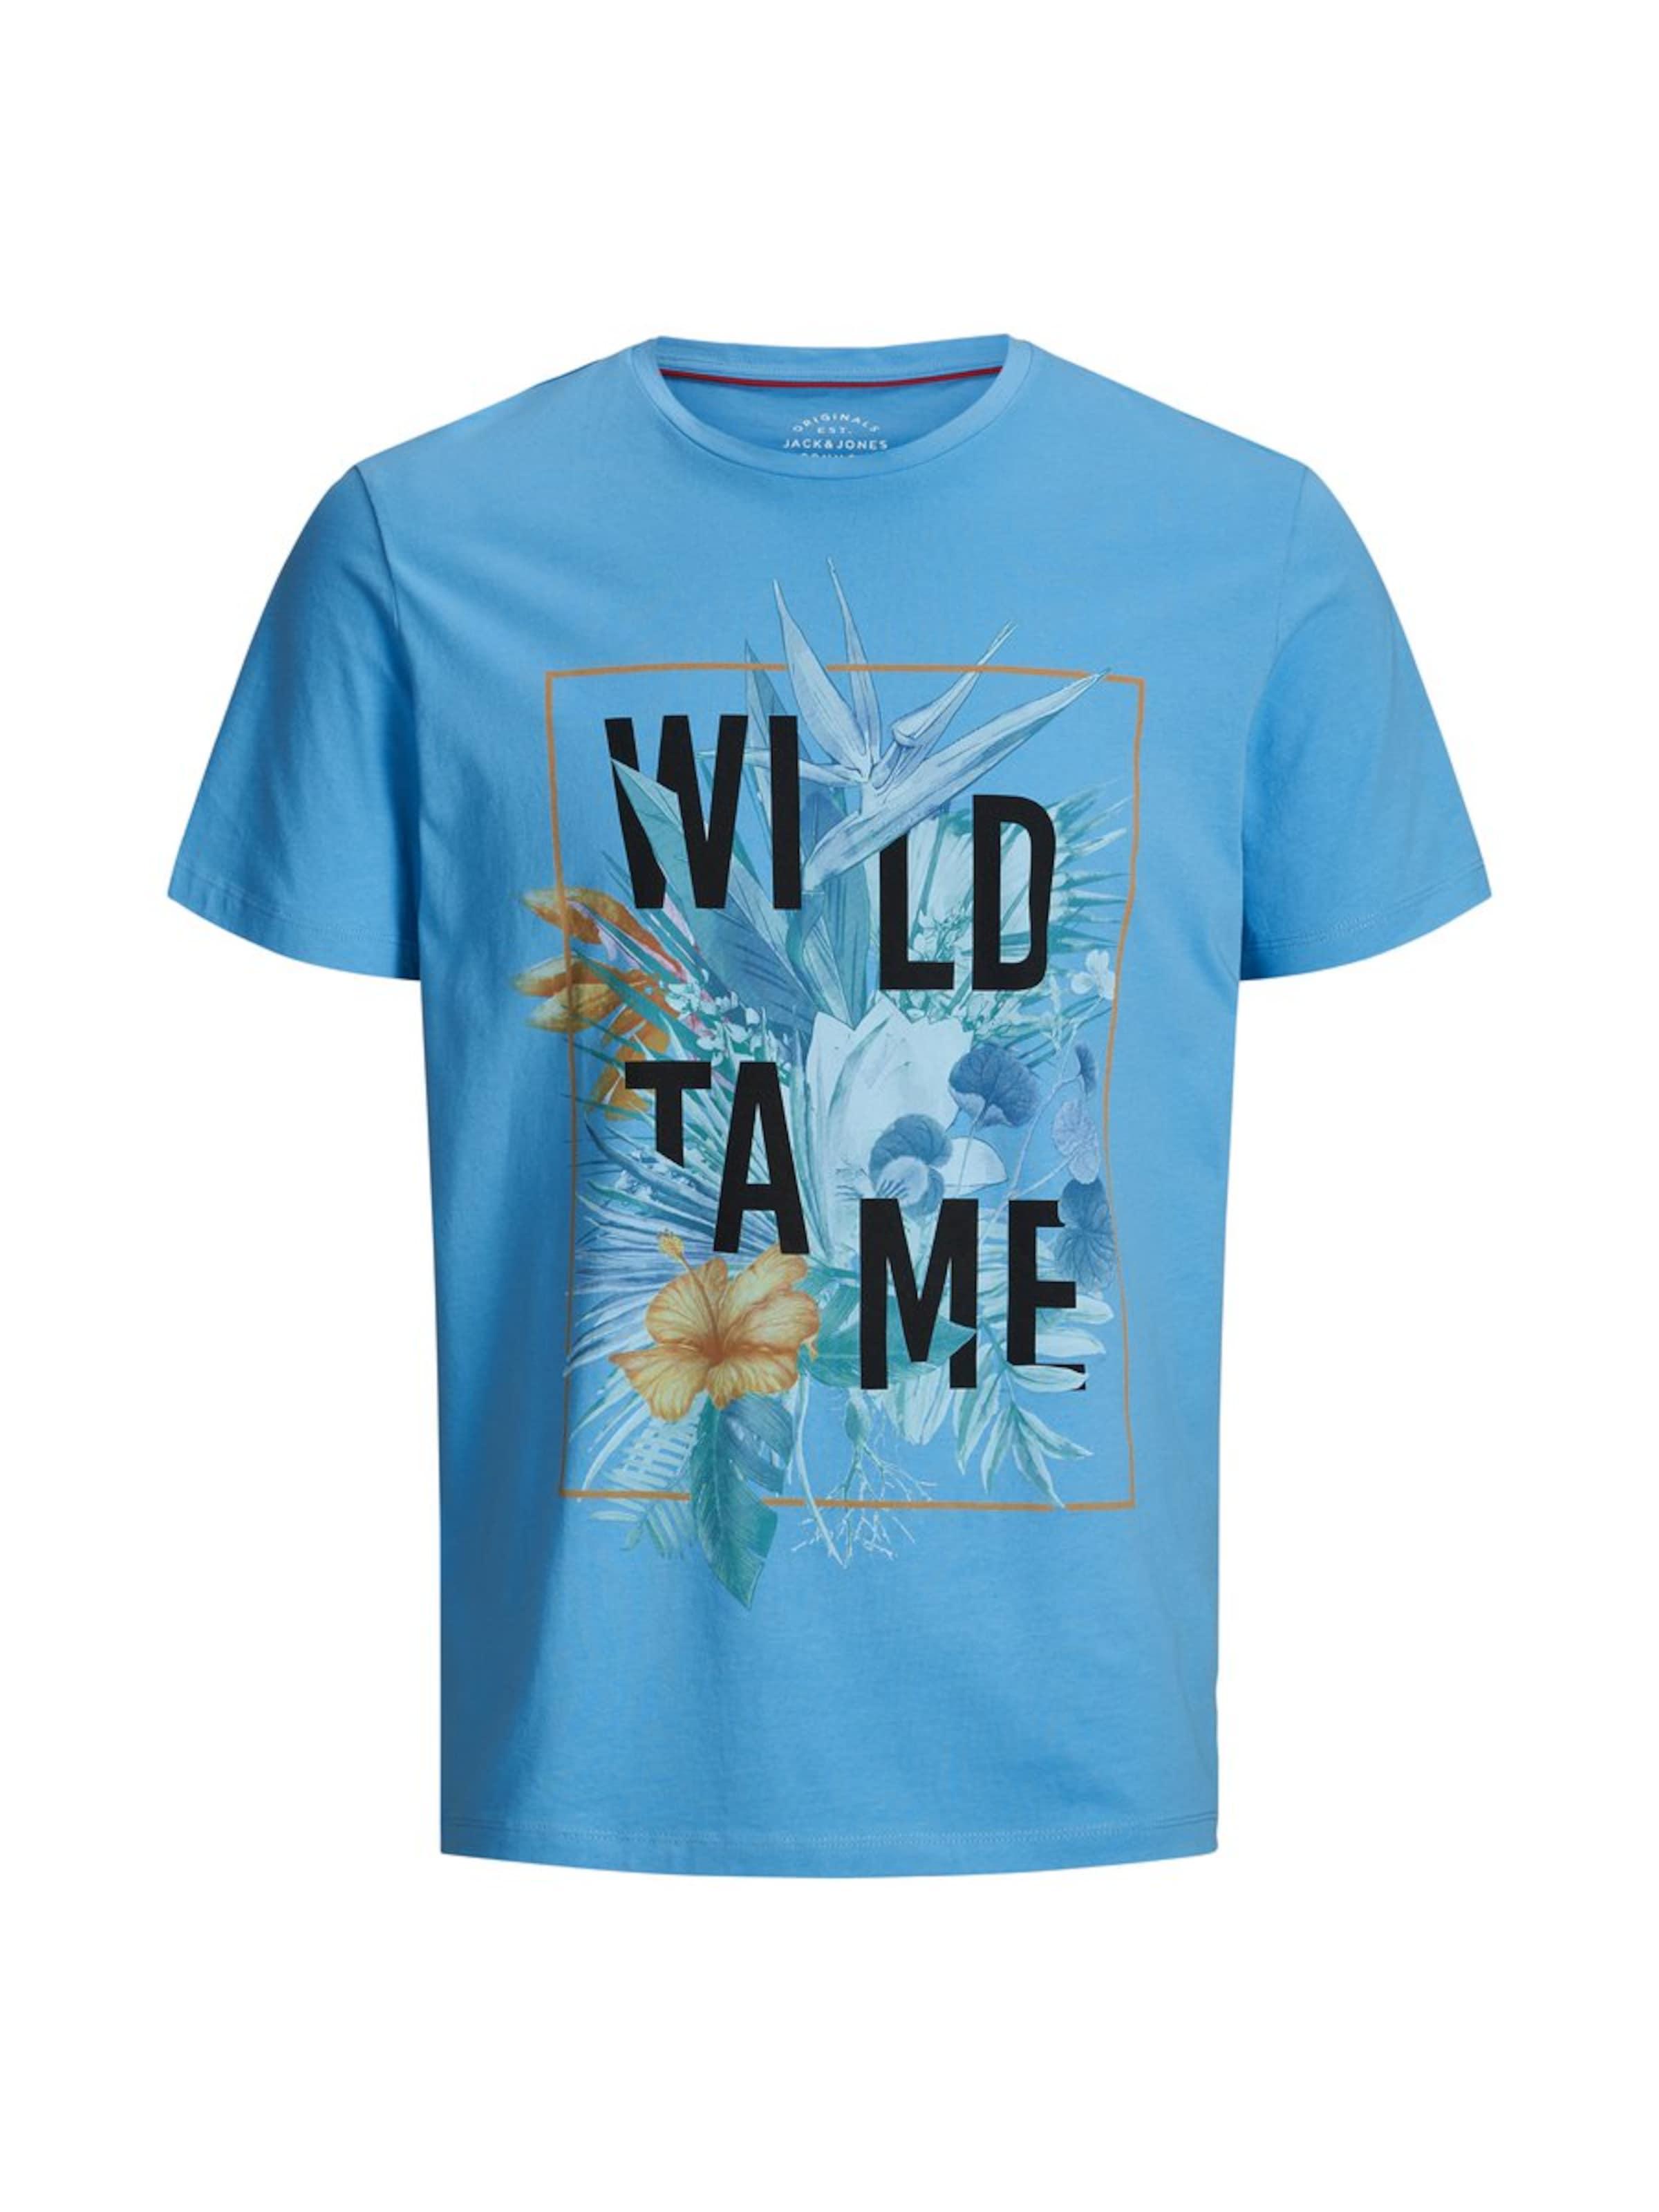 ClairNoir Jackamp; En Blanc Jones Bleu shirt T OX80nwkP